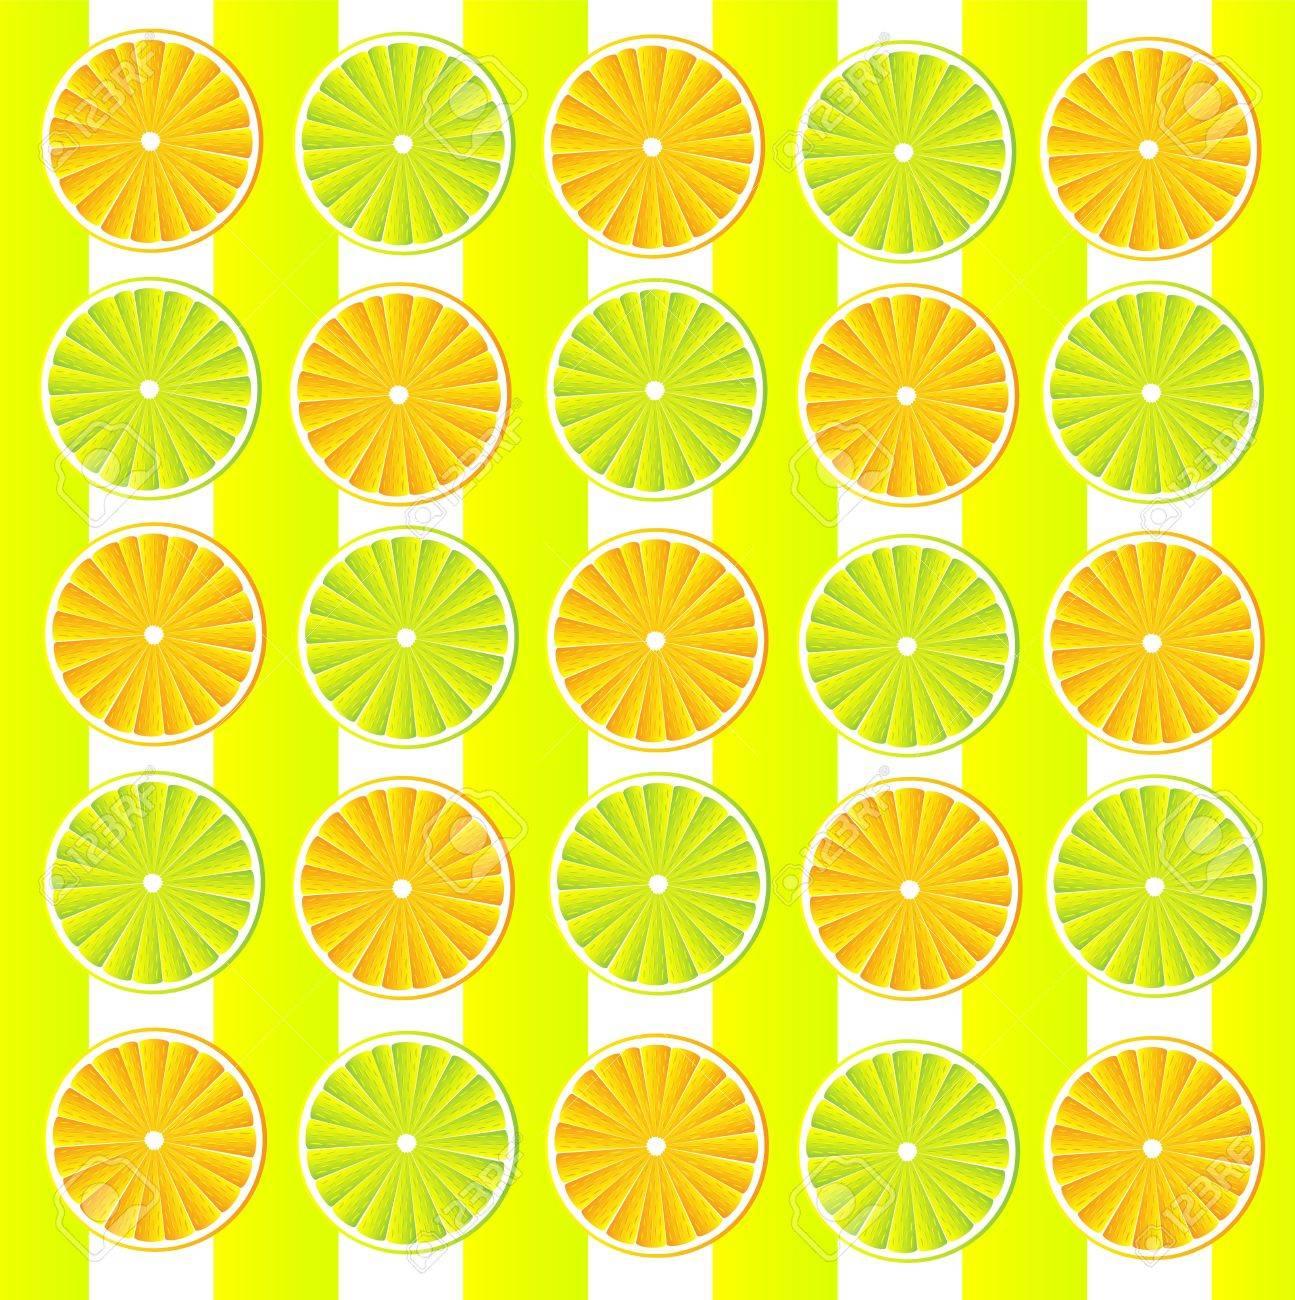 オレンジとレモンのスライスのシトラス フルーツ壁紙 ベクトルのイラスト素材 ベクタ Image